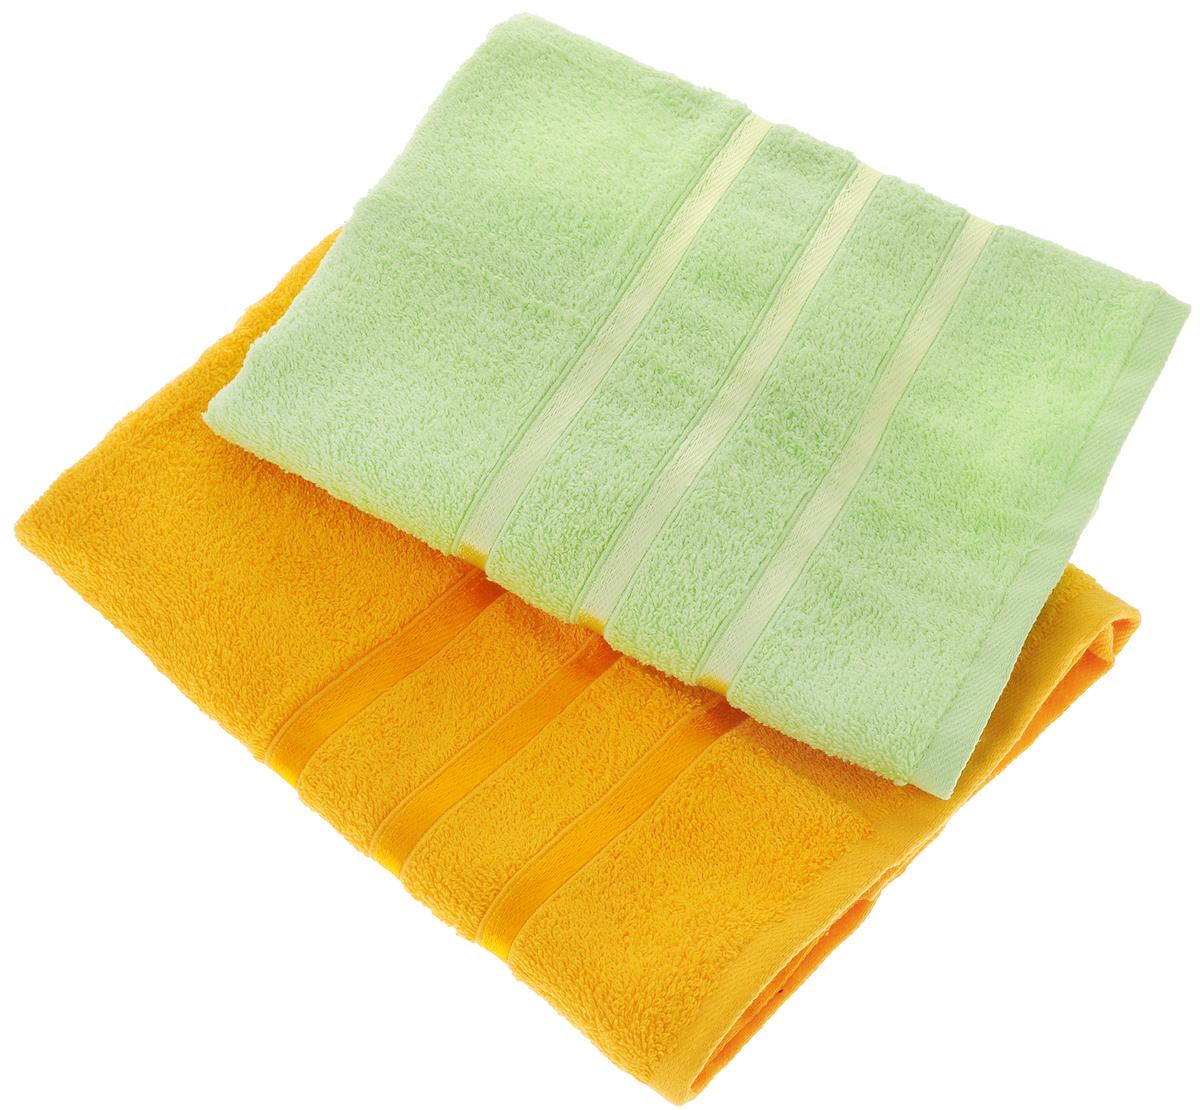 Набор полотенец Tete-a-Tete Ленты, цвет: желтый, зеленый, 50 х 85 см, 2 шт68/5/1Набор Tete-a-Tete Ленты состоит из двух махровых полотенец, выполненных из натурального 100% хлопка. Бордюр полотенец декорирован лентами. Изделия мягкие, отлично впитывают влагу, быстро сохнут, сохраняют яркость цвета и не теряют форму даже после многократных стирок. Полотенца Tete-a-Tete Ленты очень практичны и неприхотливы в уходе. Они легко впишутся в любой интерьер благодаря своей нежной цветовой гамме. Набор упакован в красивую коробку и может послужить отличной идеей подарка.Размер полотенец: 50 х 85 см.